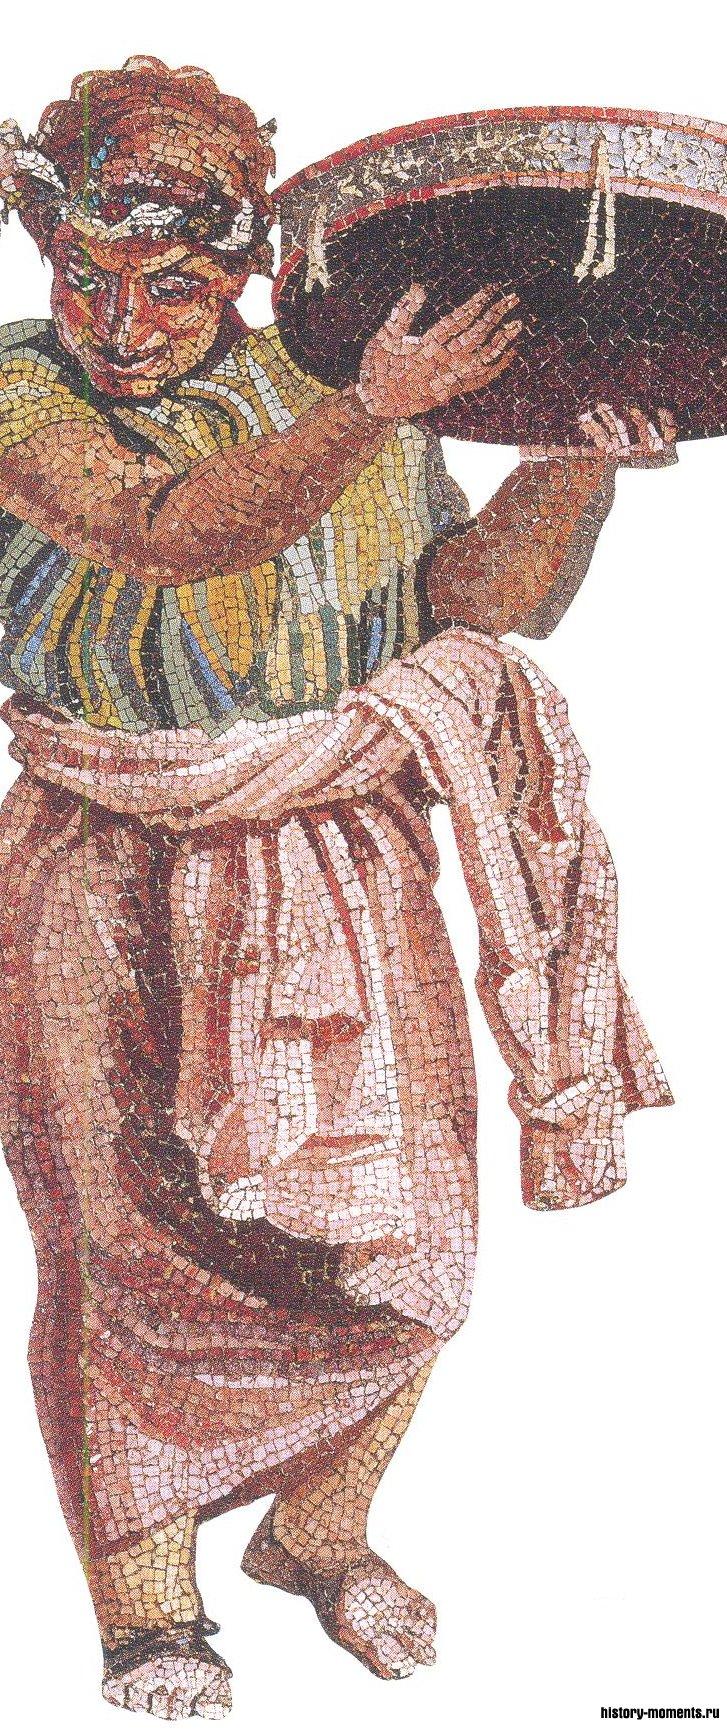 Мозаика изображает музыканта, бьющего в тамбурин.